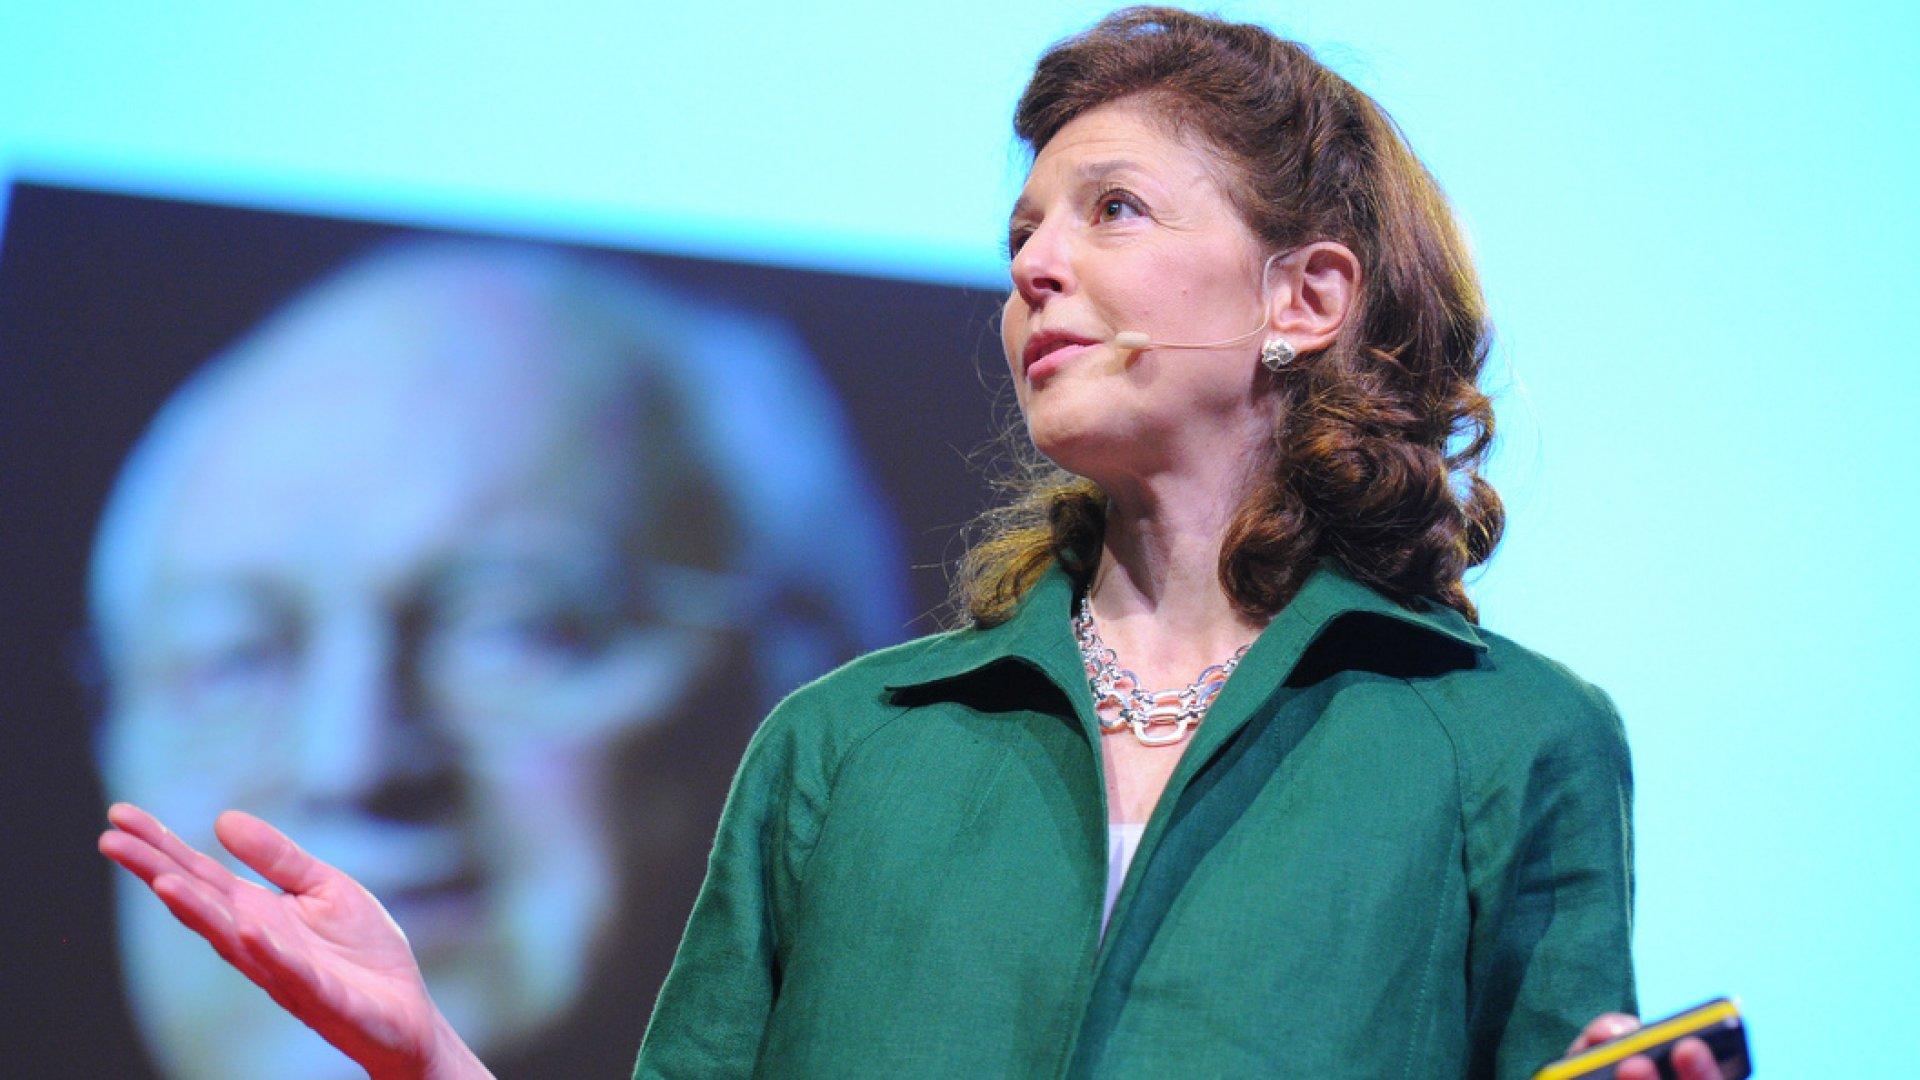 Pamela Meyer, lie detector, speaks during Session 6: The Dark Side, on July 13, during TEDGlobal 2011, July 11-15, 2011, in Edinburgh, Scotland.